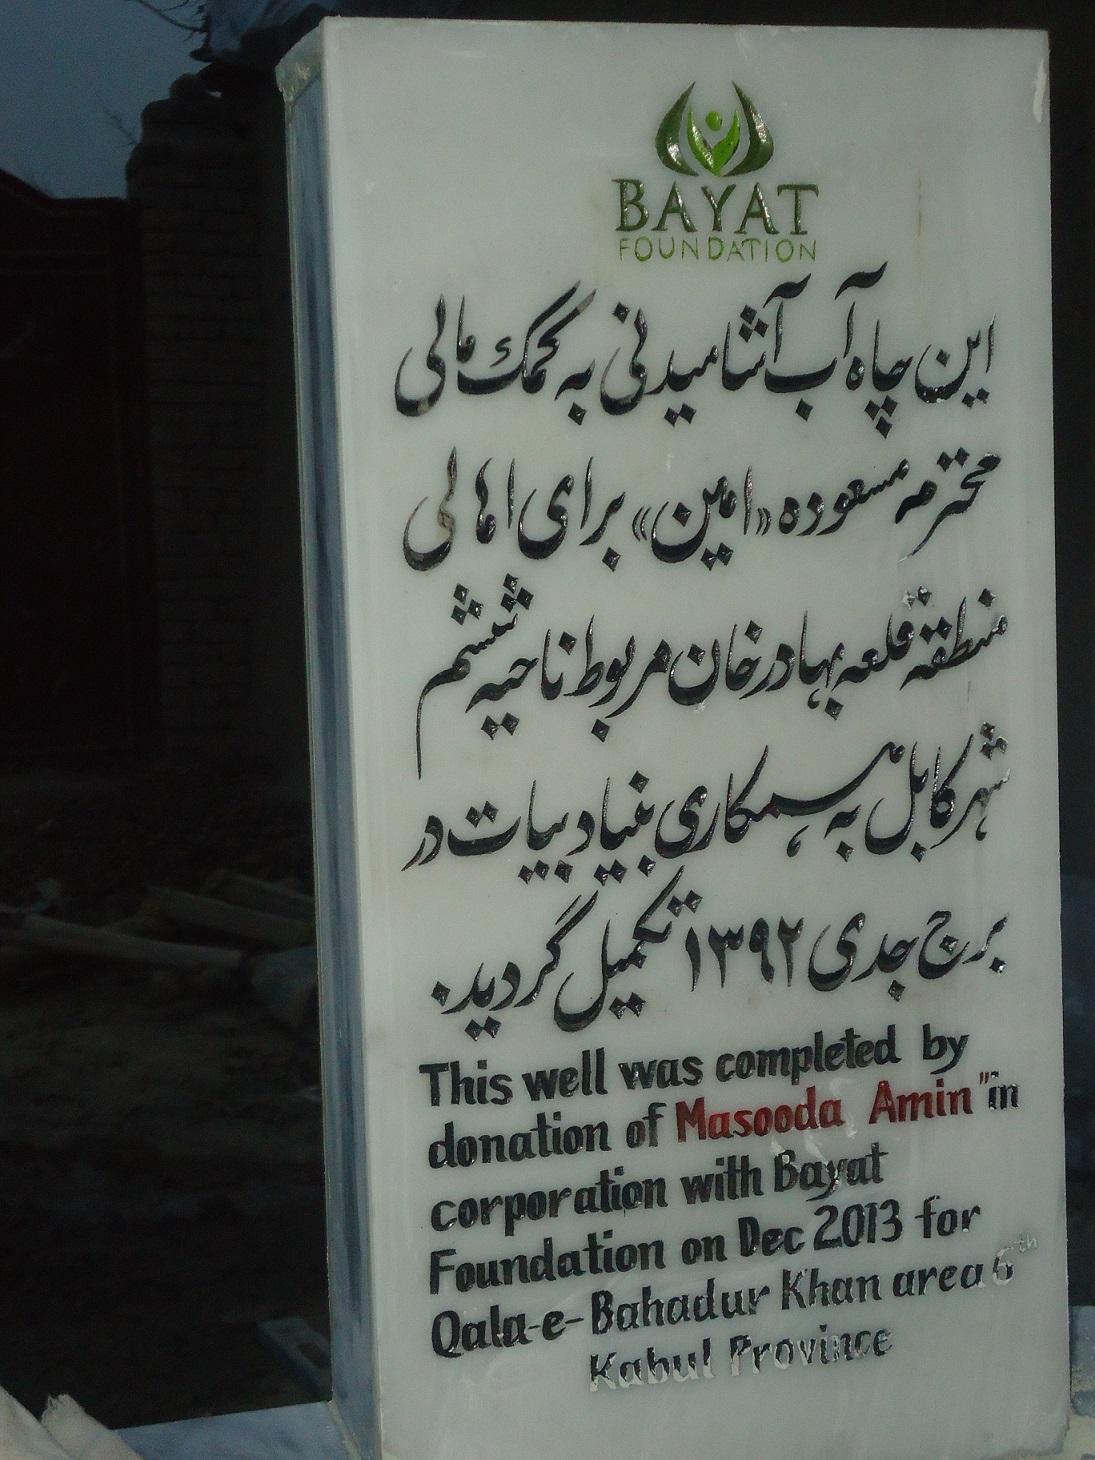 6th district Qala-e-Bahadur khan 14